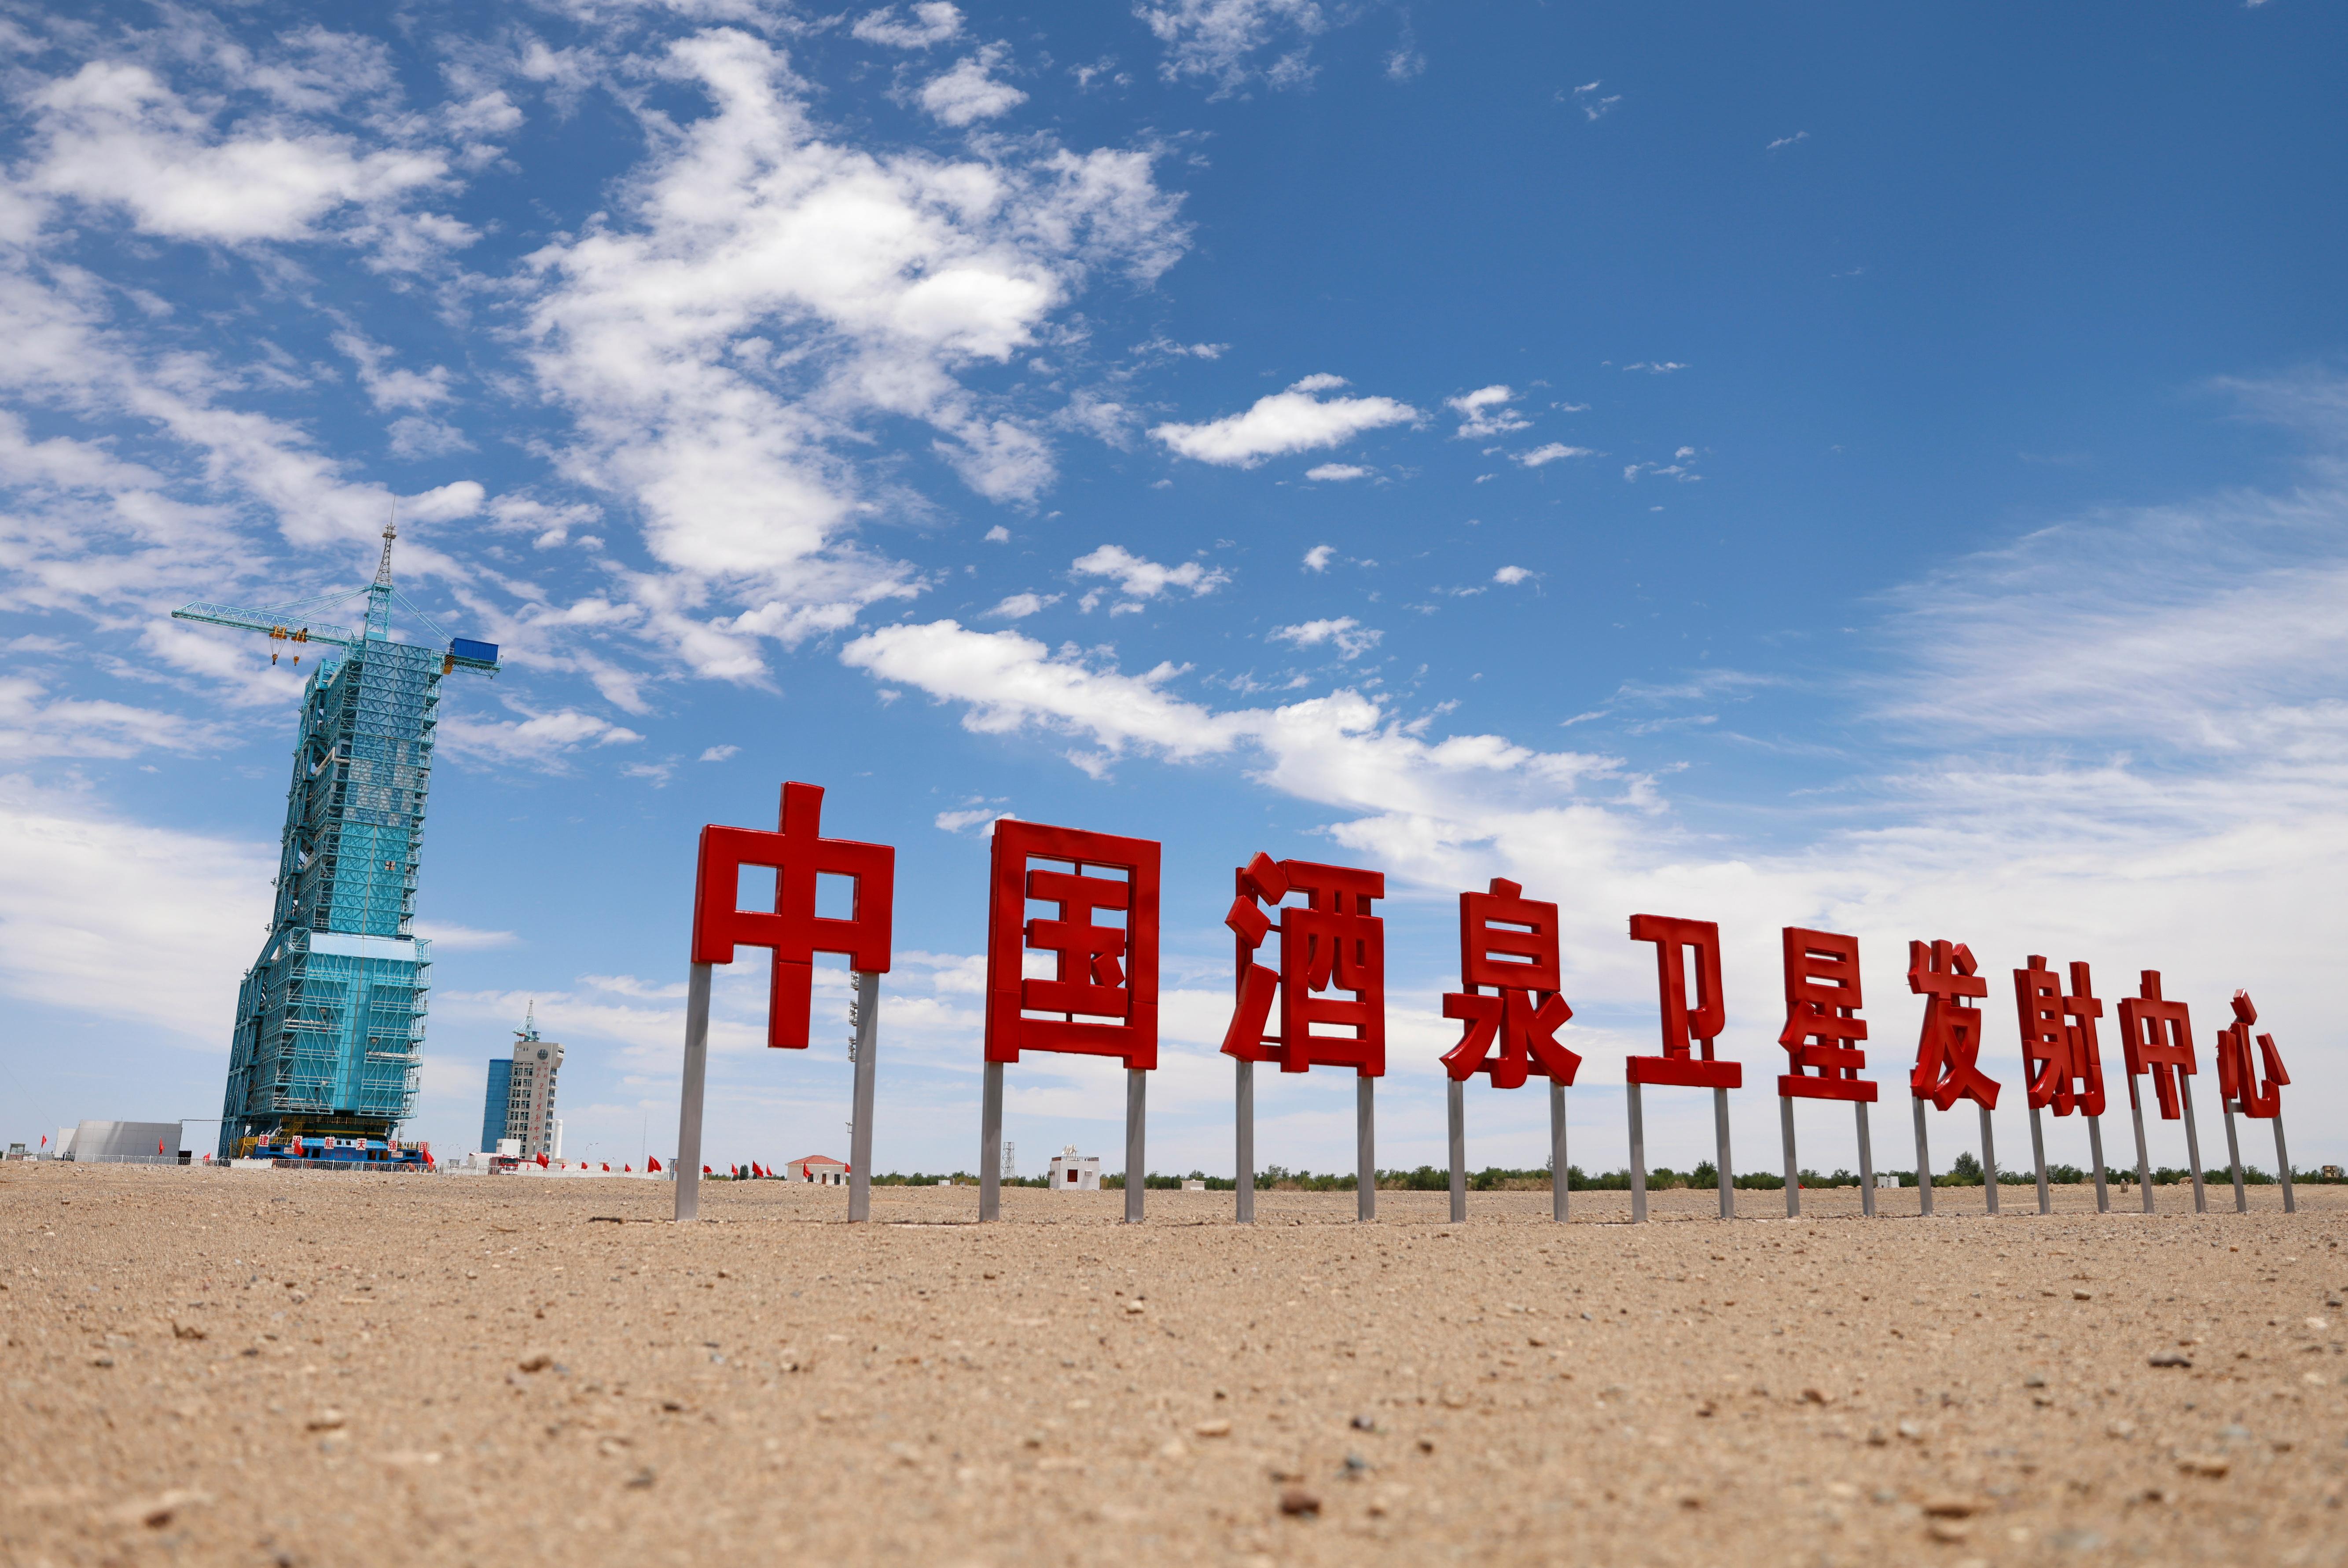 神舟十二号飞船将在周四上午由长征二号F遥十二运载火箭发射升空。发射地点位于中国西北部的酒泉卫星发射中心。-路透社-